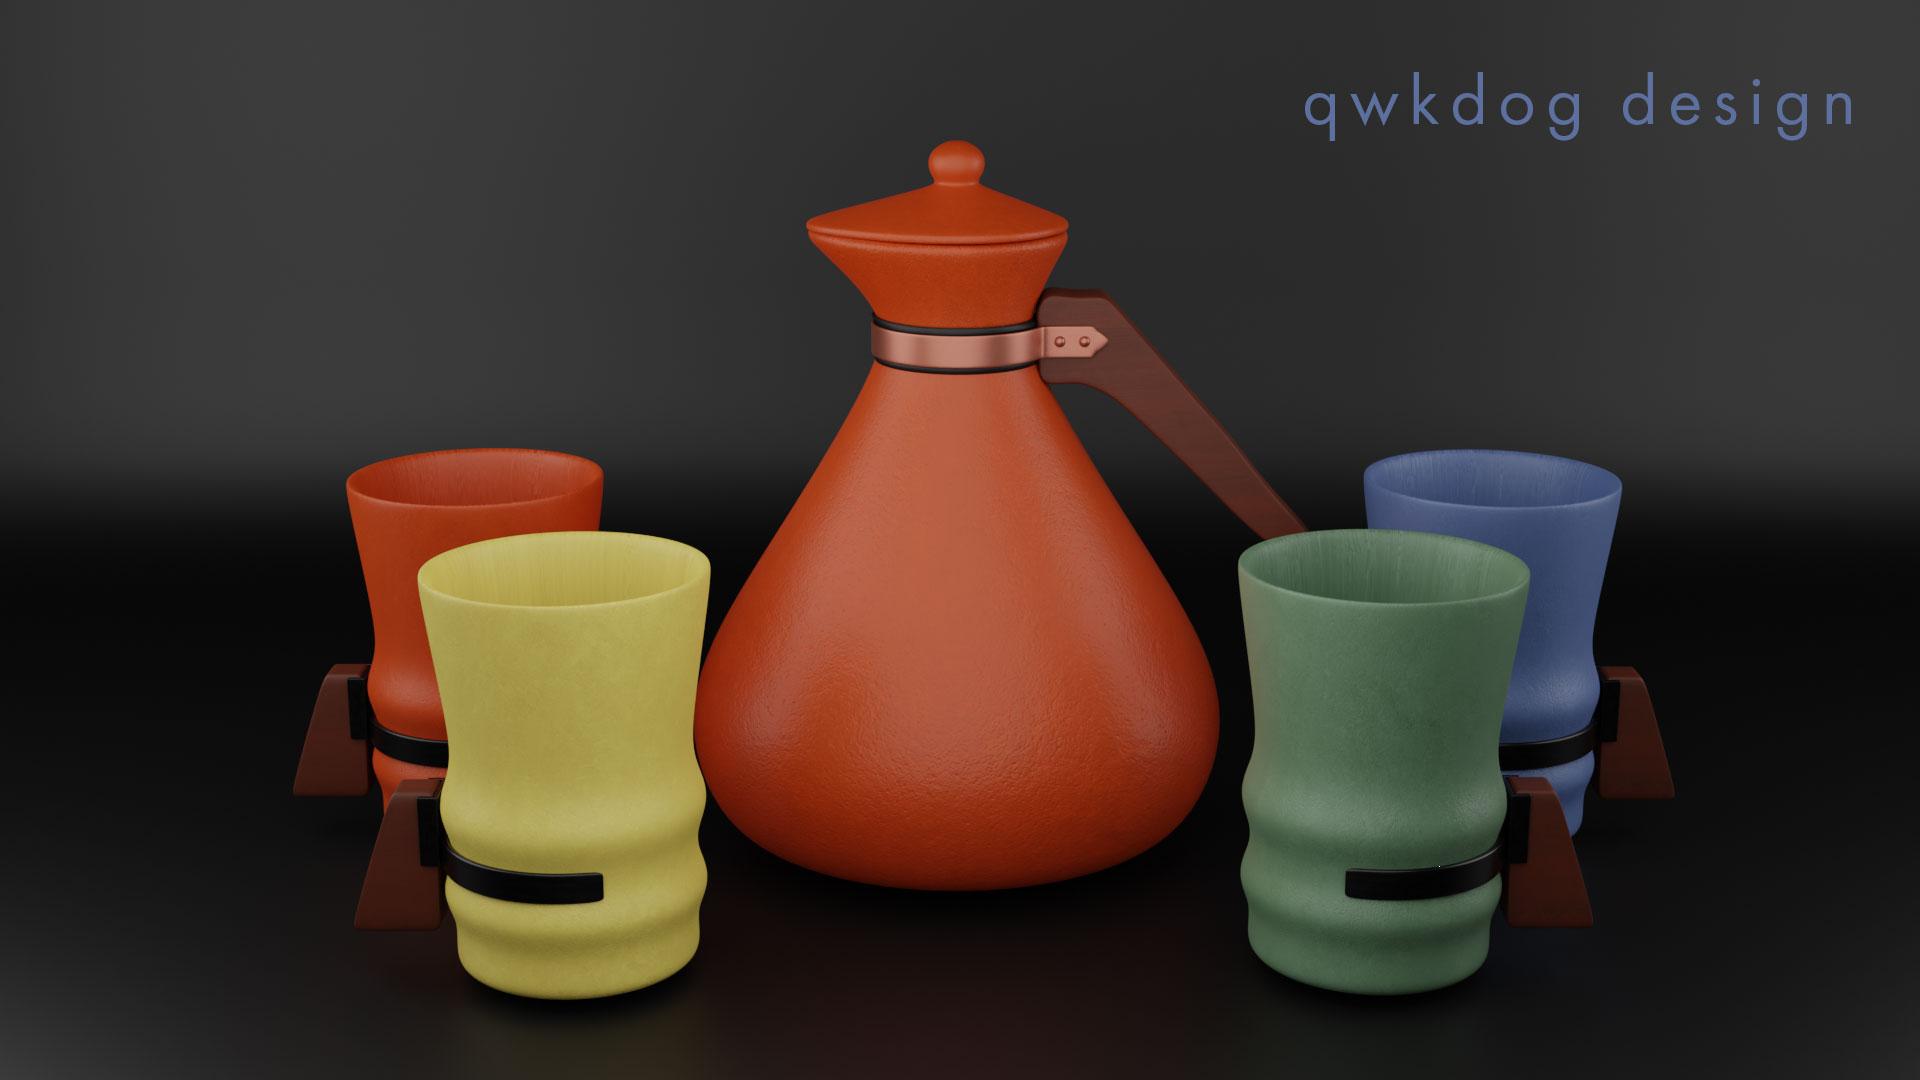 QwkDog 3d Tudor Pottery Carafe Set